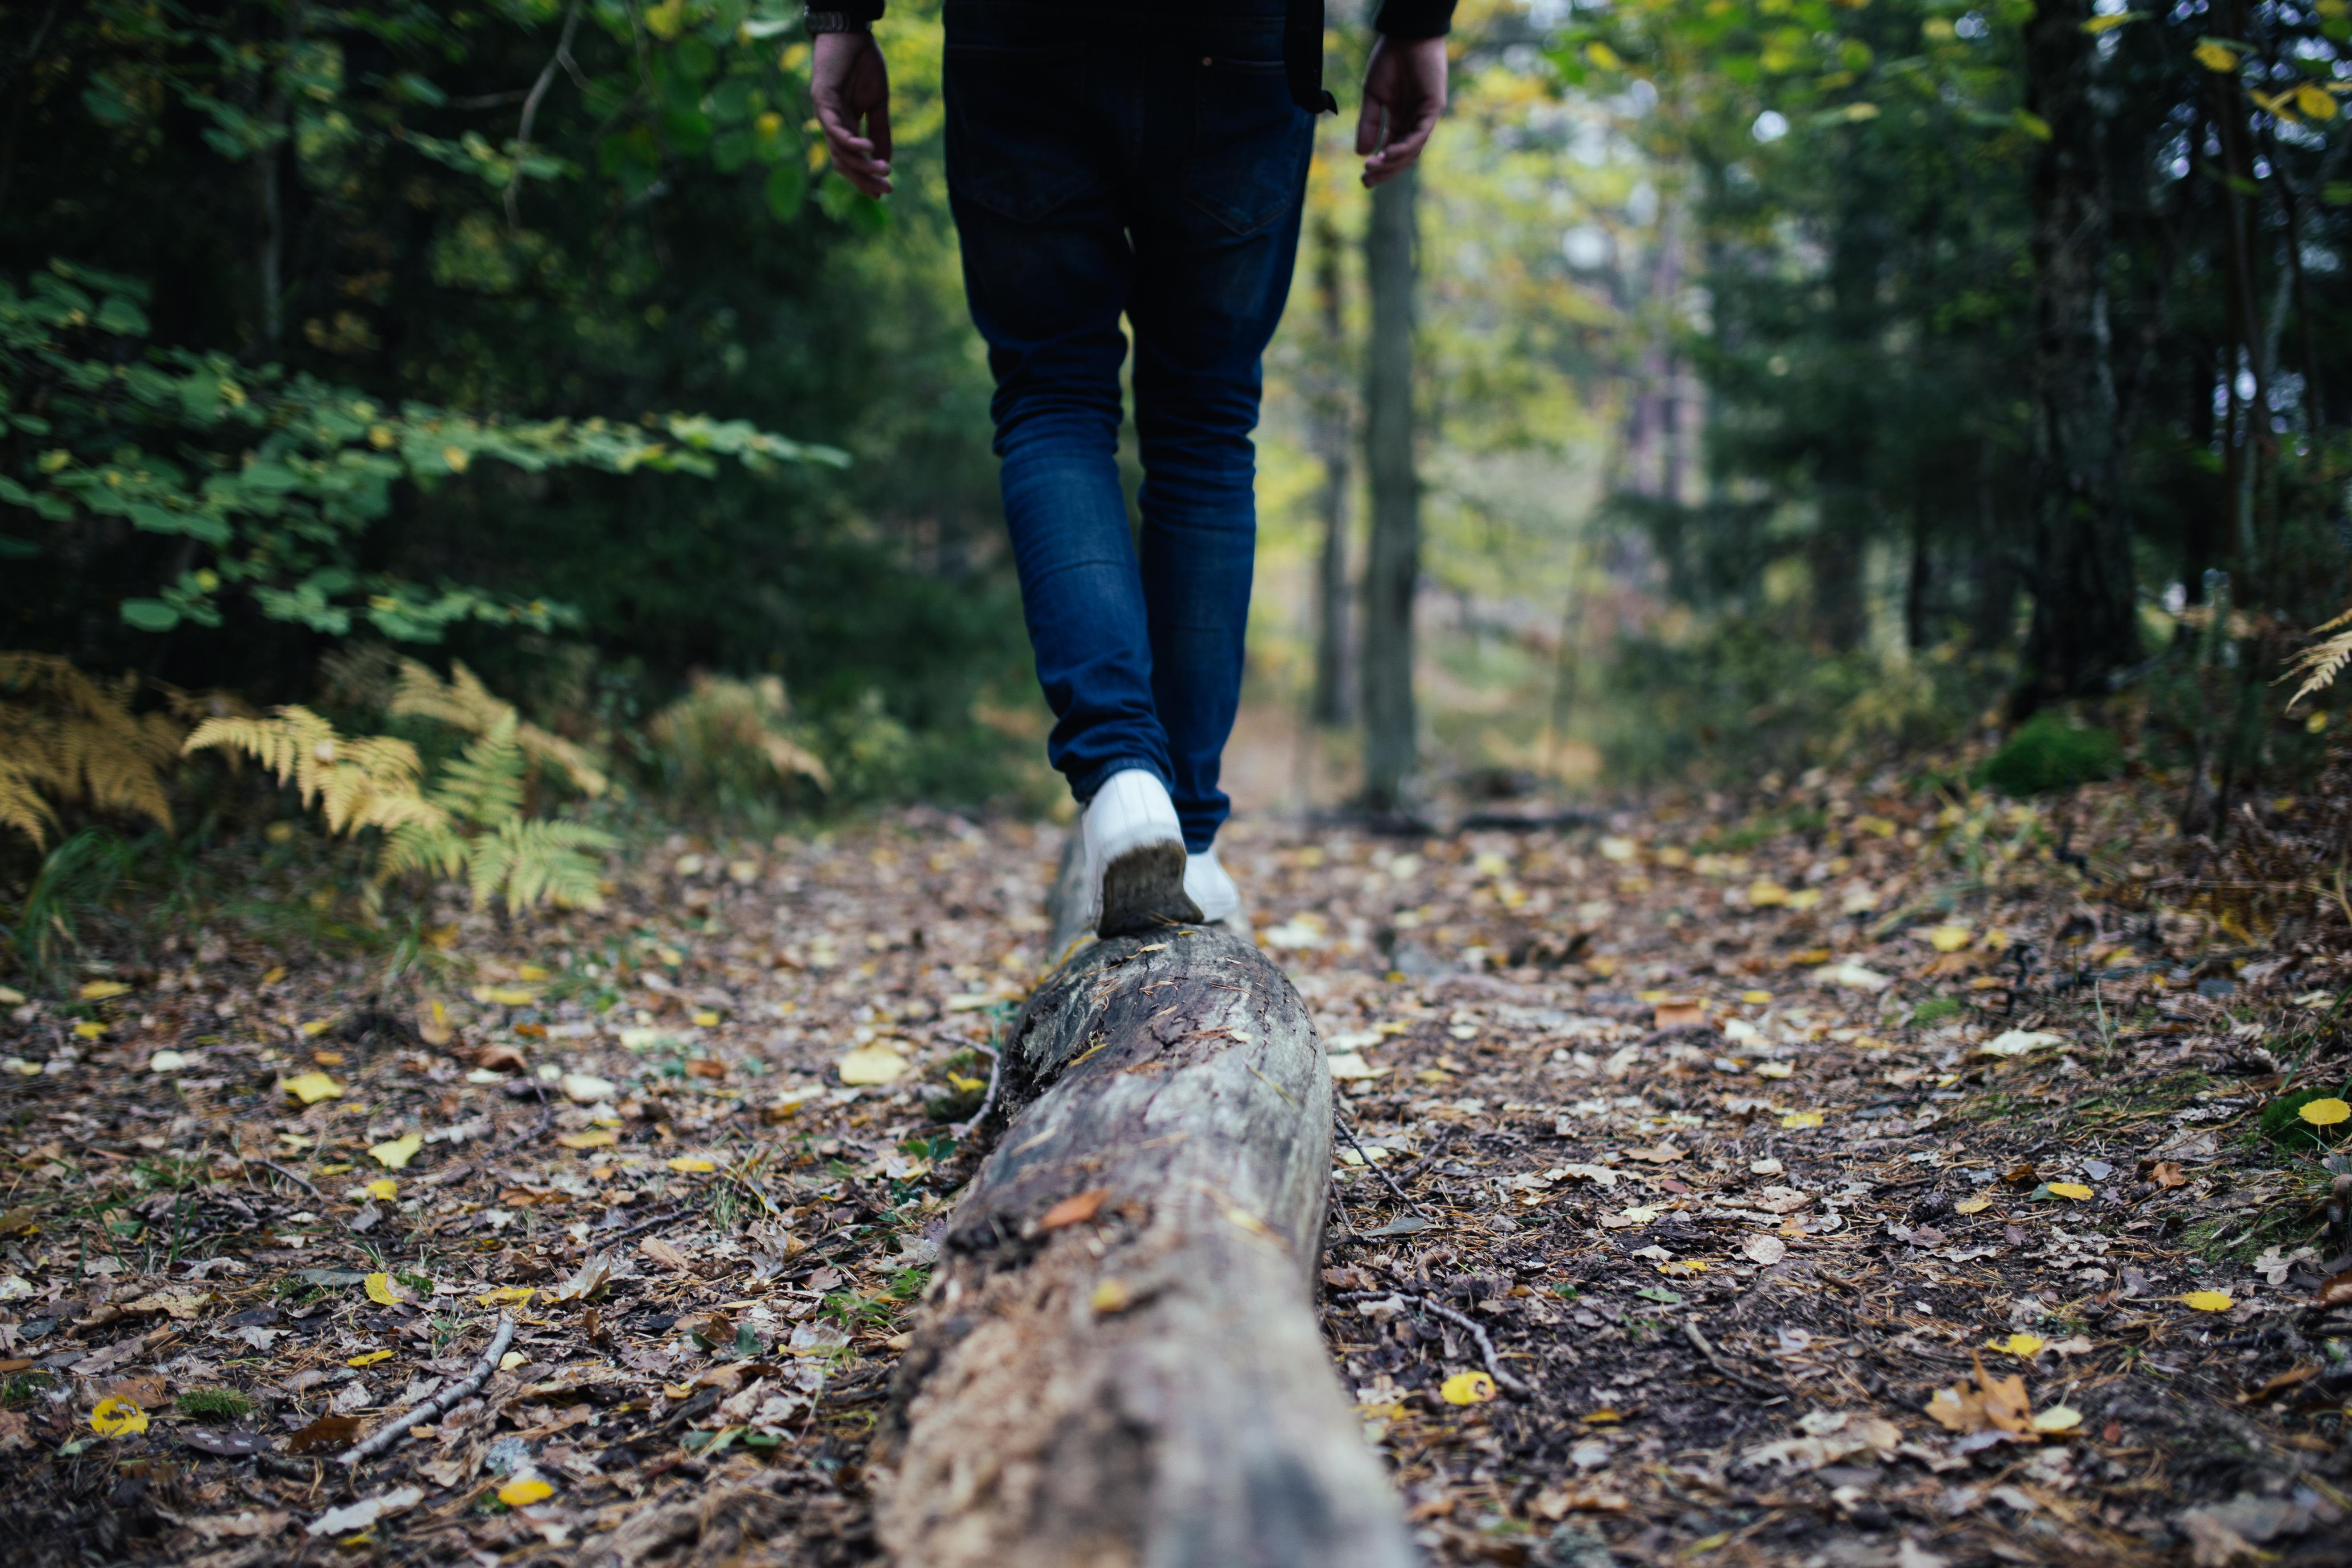 блендер картинки один человек в лесу только